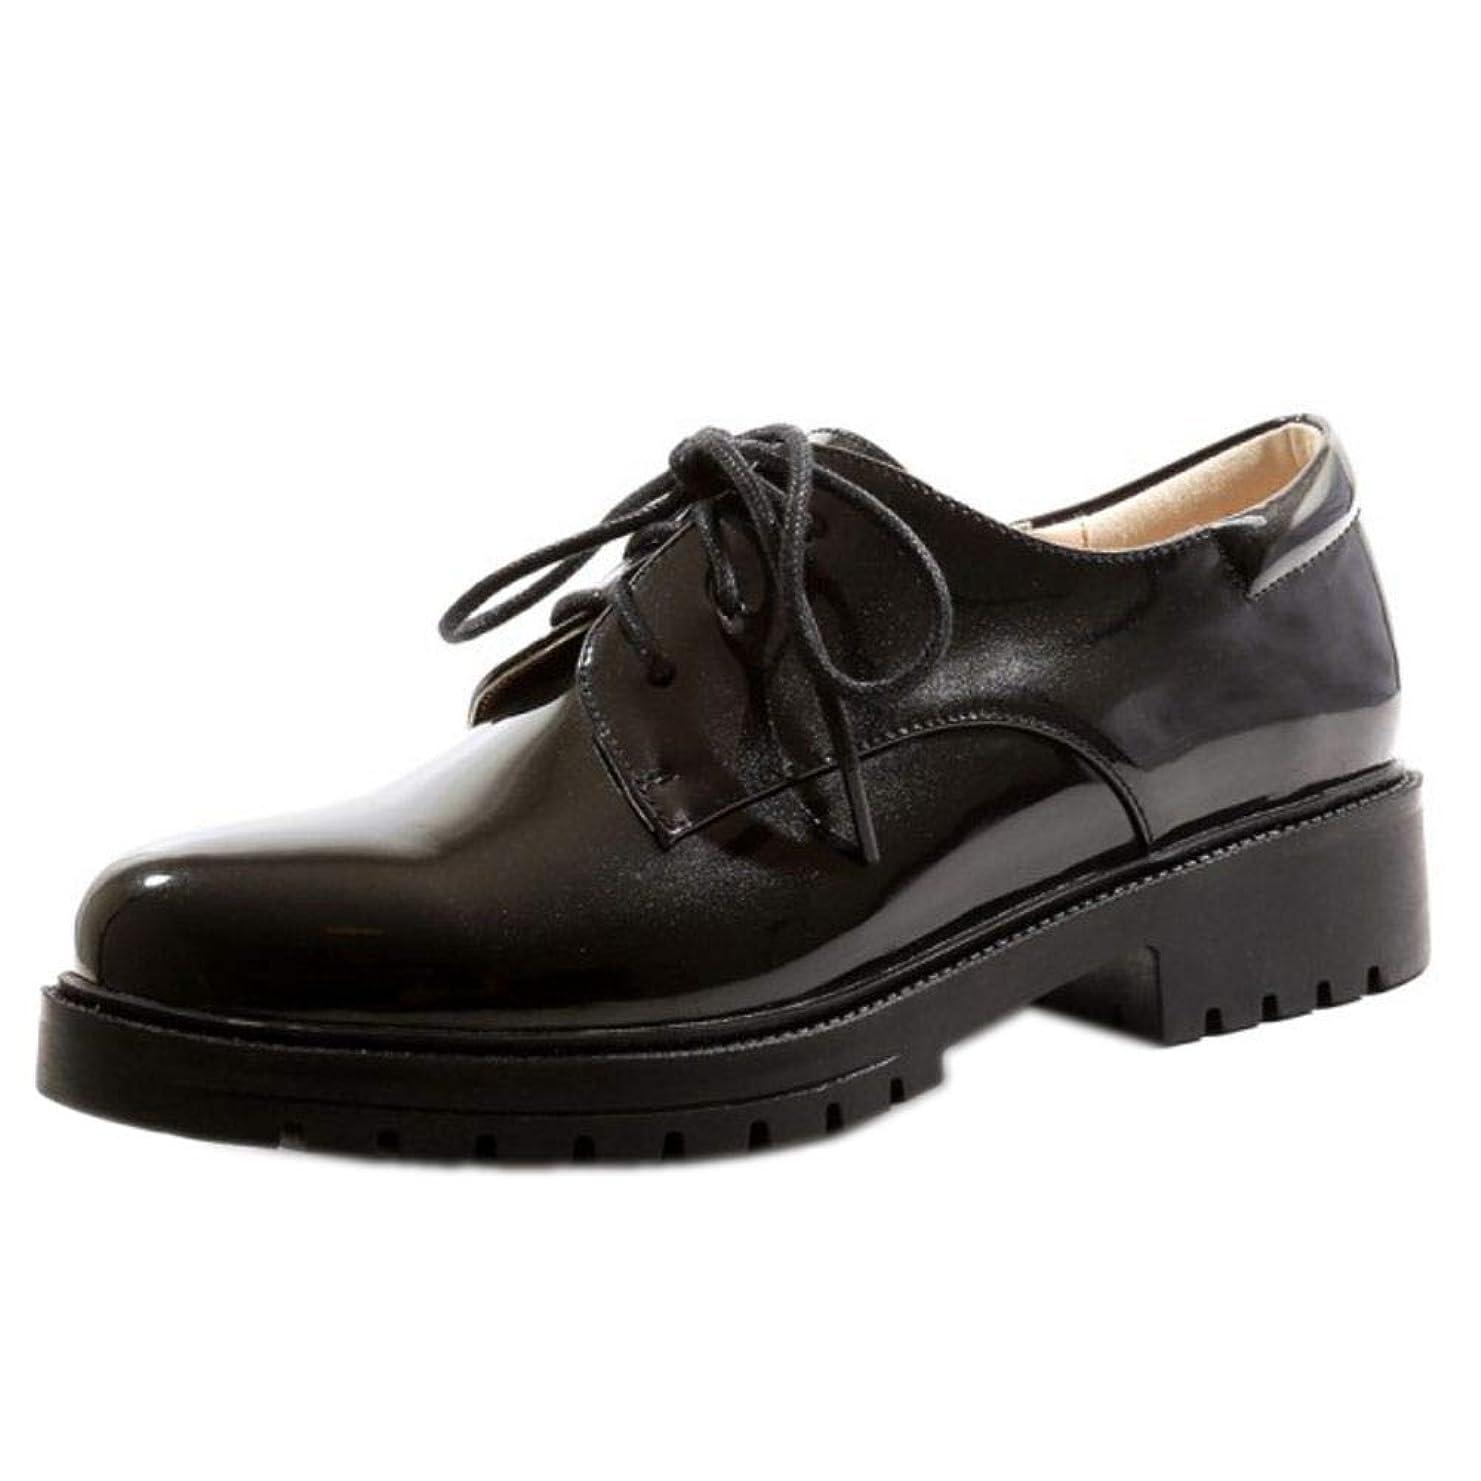 サイレン怠惰期待する[タオフェン] レディース ファッション レースアップ シューズ ローヒール 日常 おじ靴